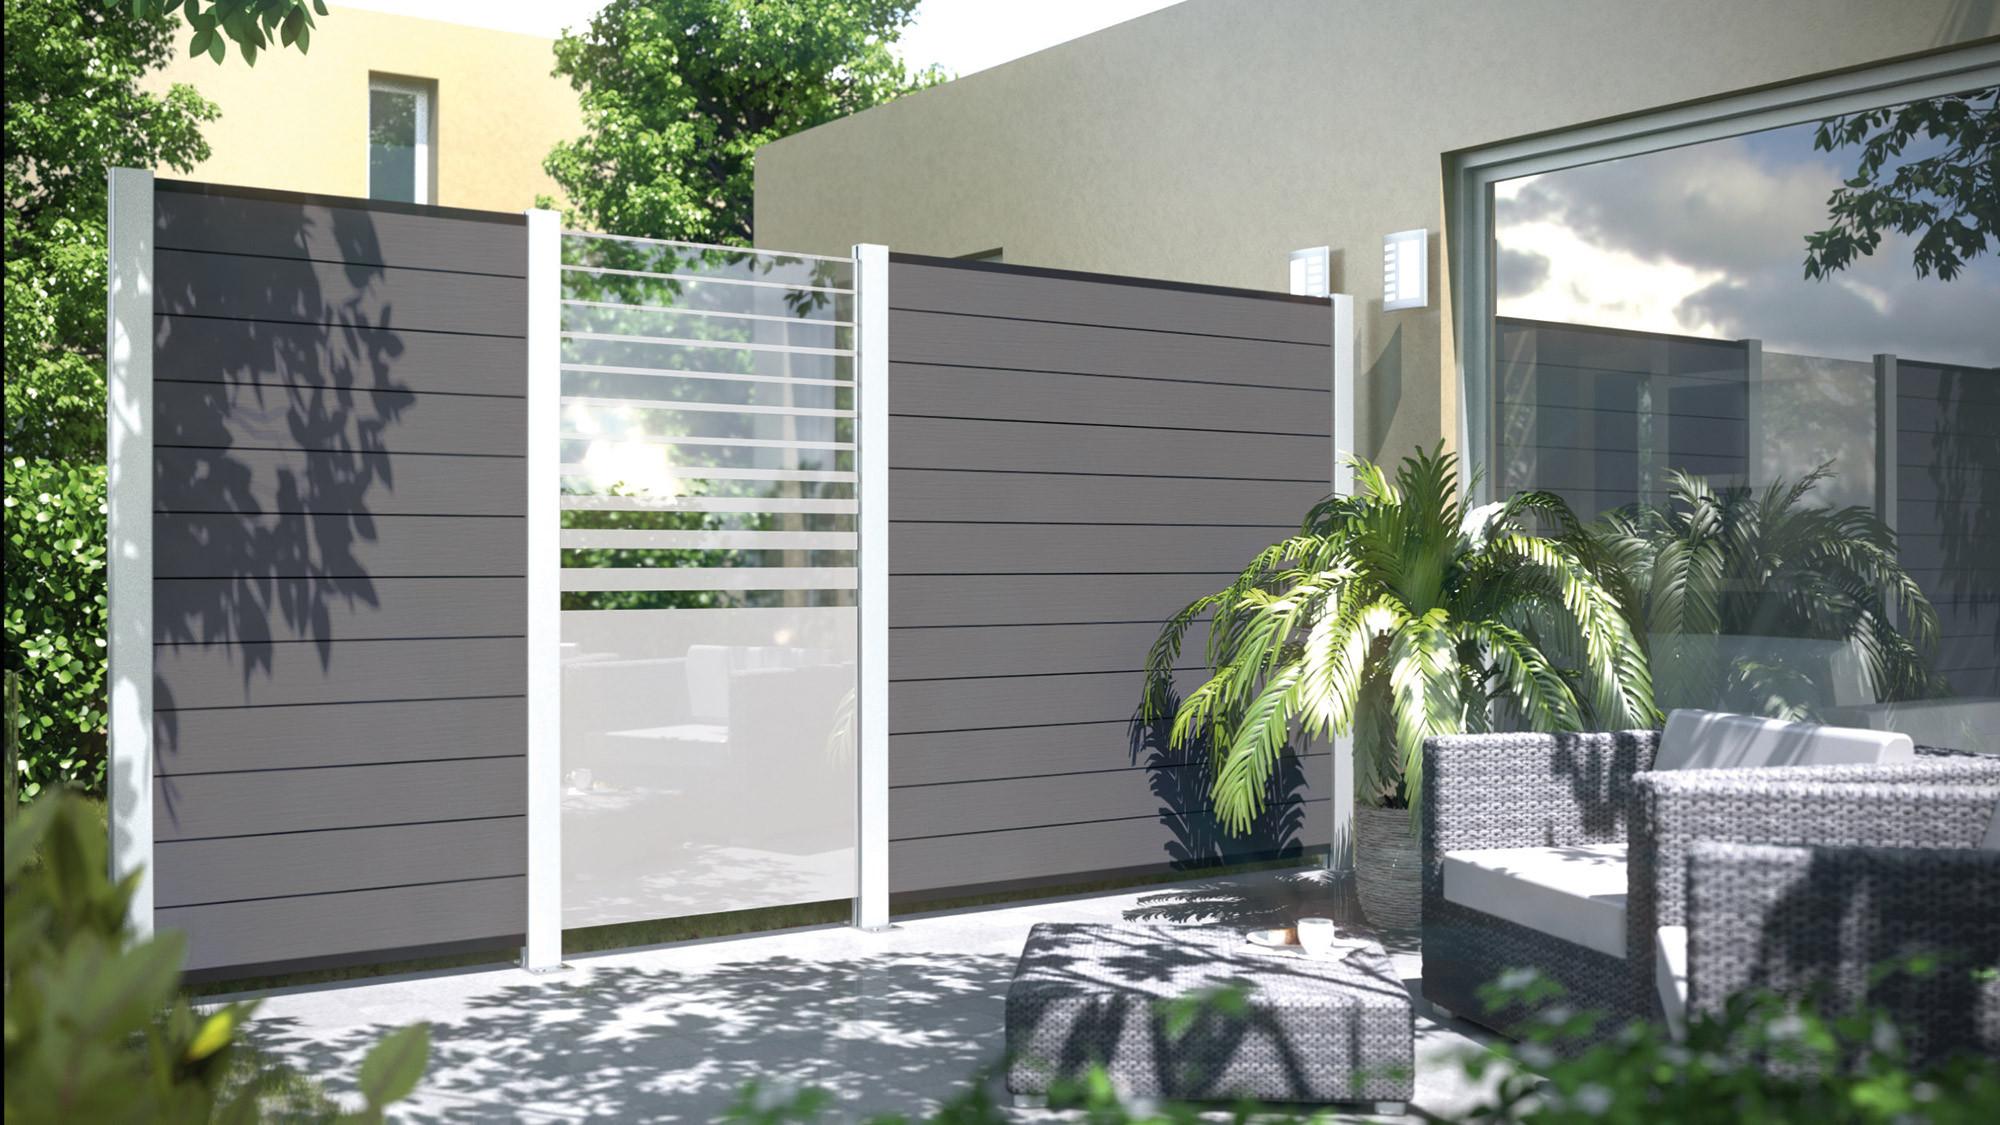 Sichtschutz Terrasse Kunststoff  Sichtschutzzaun Aus Kunststoff